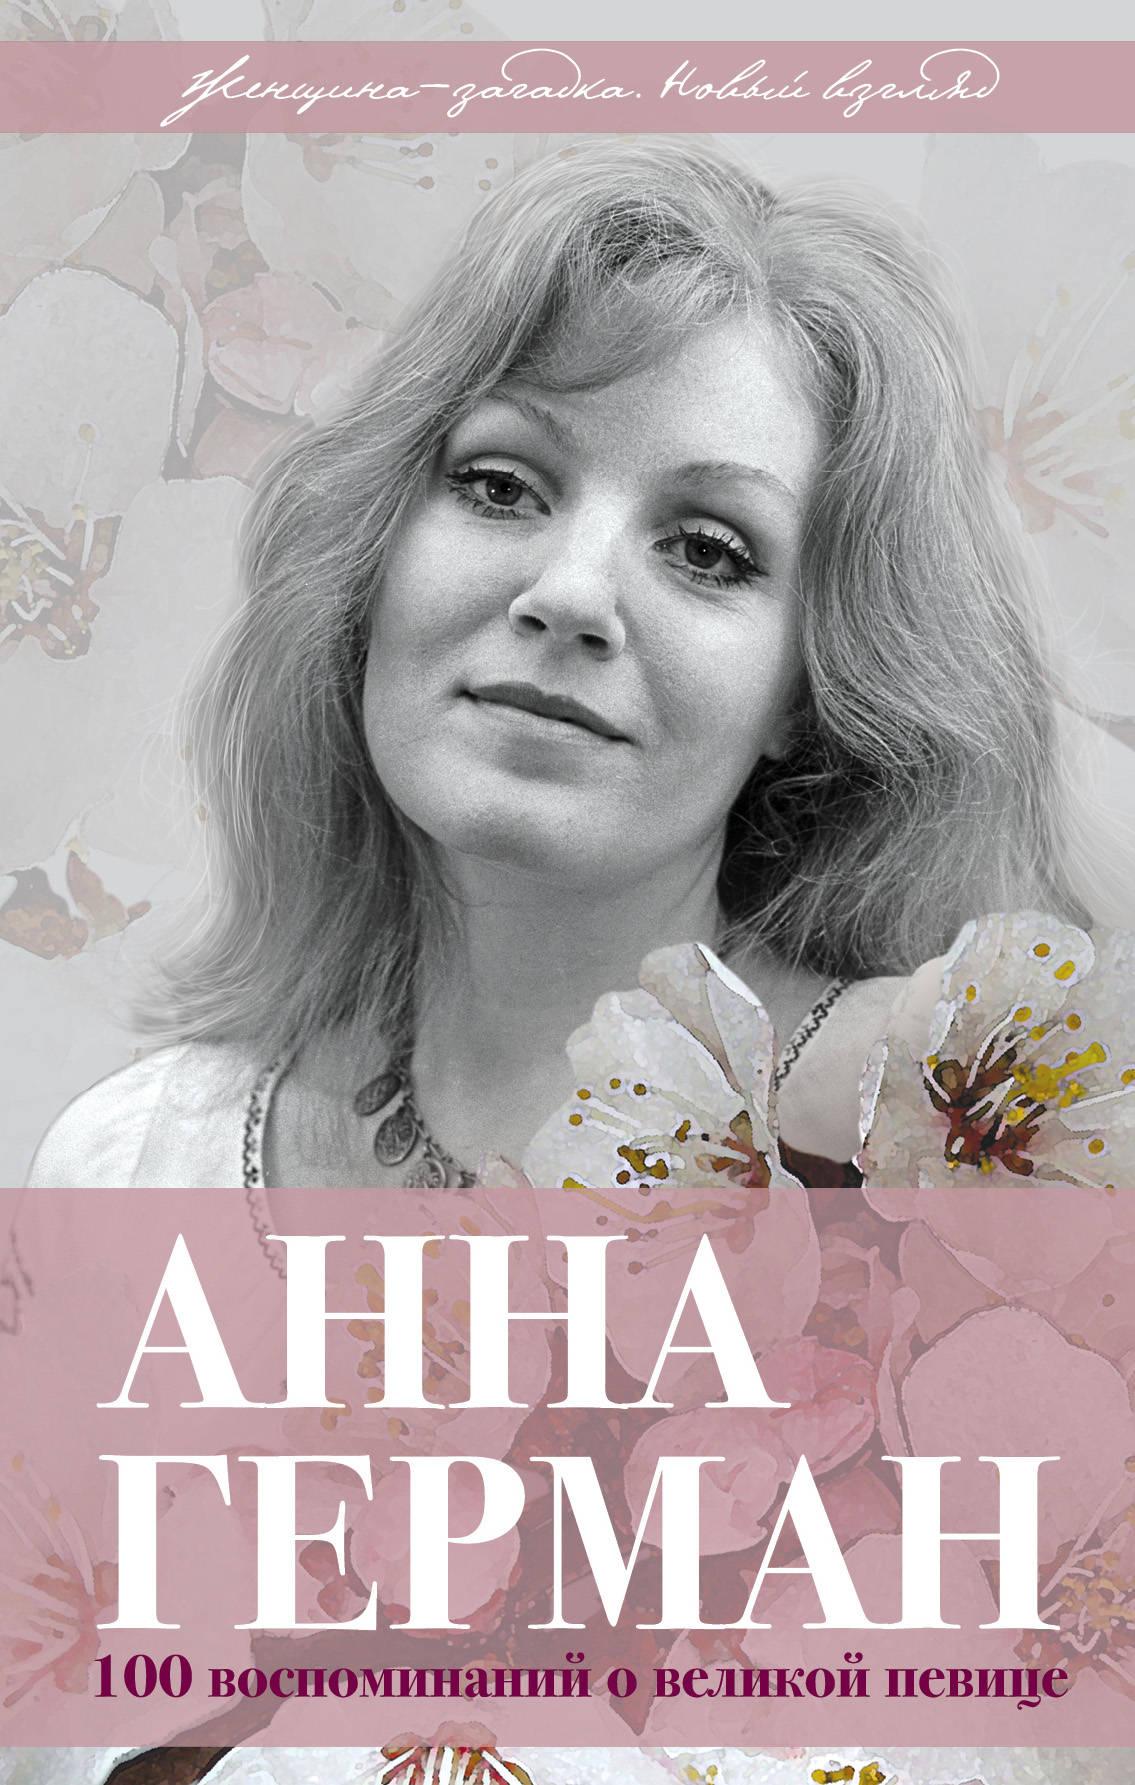 Ильичев Иван Михайлович Анна Герман. 100 воспоминаний о великой певице